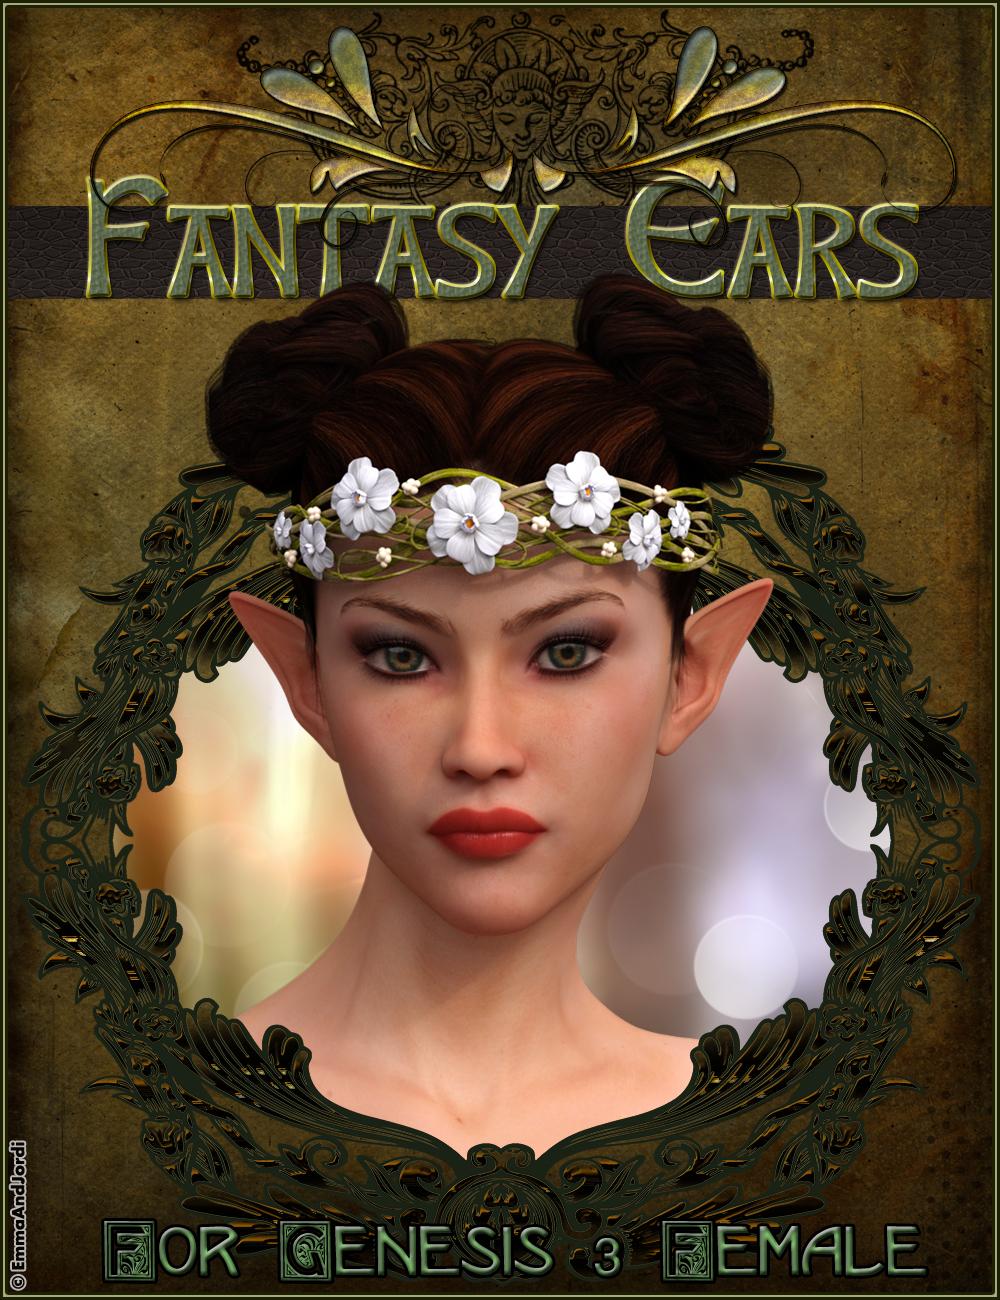 EJ Fantasy Ears for Genesis 3 Female(s) by: EmmaAndJordi, 3D Models by Daz 3D